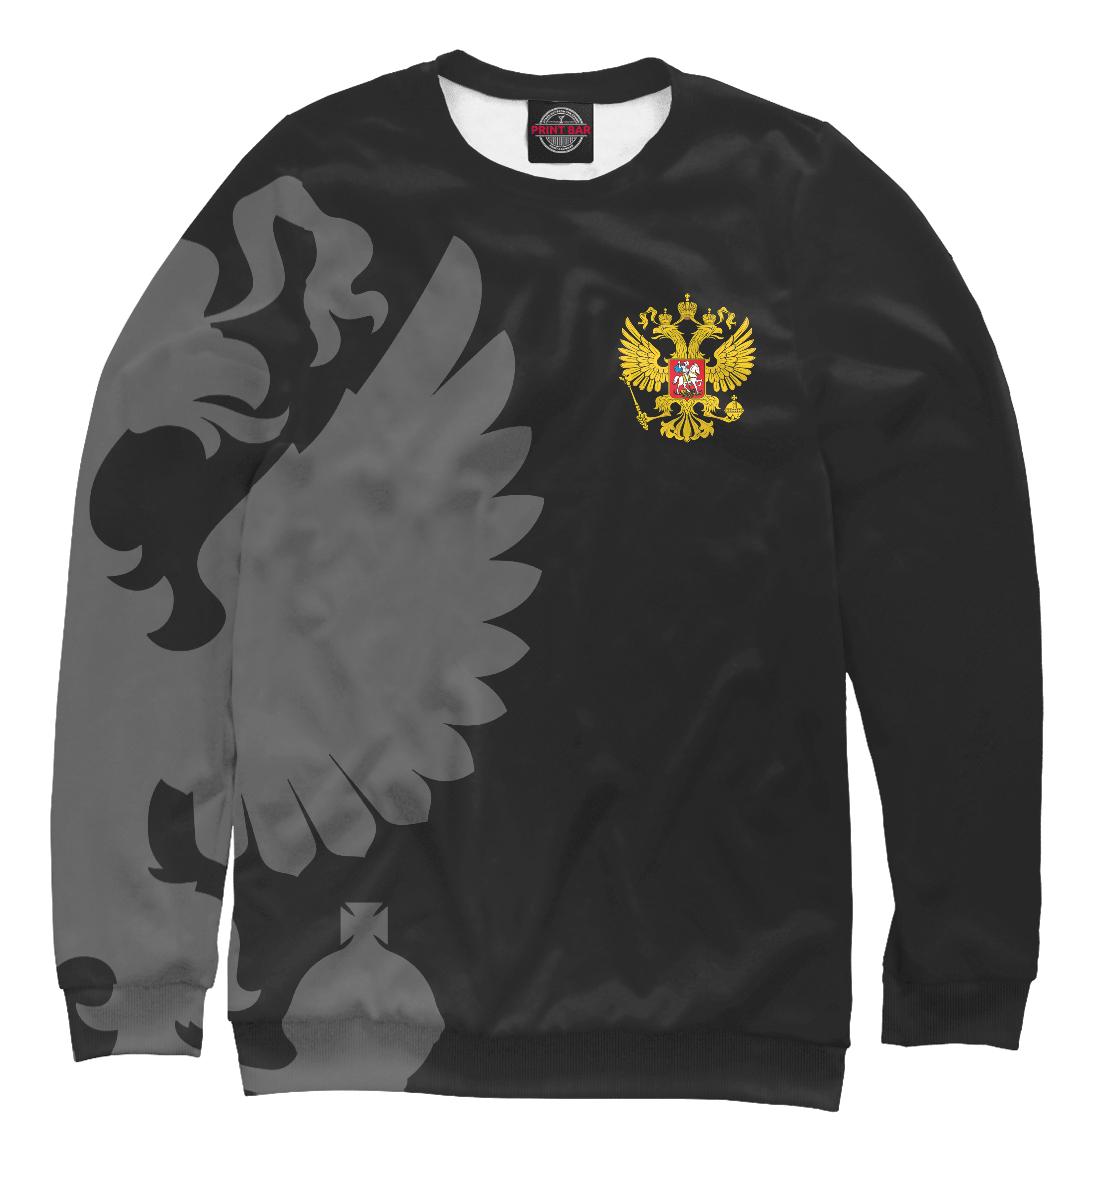 Купить Герб России Серый на Черном, Printbar, Свитшоты, SRF-524626-swi-2